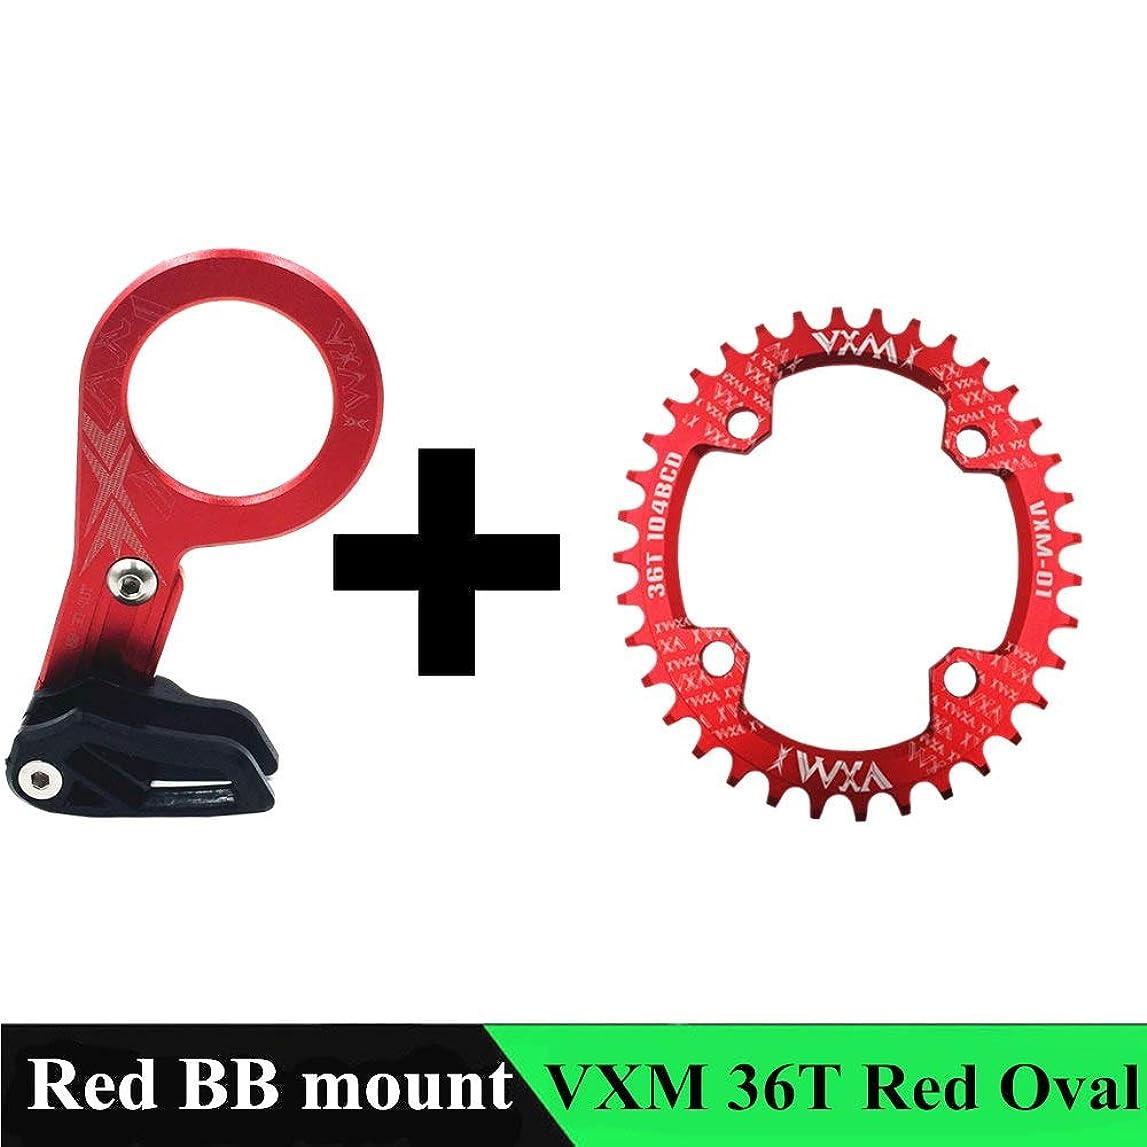 ポップ封筒検出Propenary - Bicycle 104BCD Crank Chainwheel Narrow Wide 32T 34T 36T 38T Oval Chainring Bicycle Chain guide protector Bicycle Parts [ BB Red 36T ]